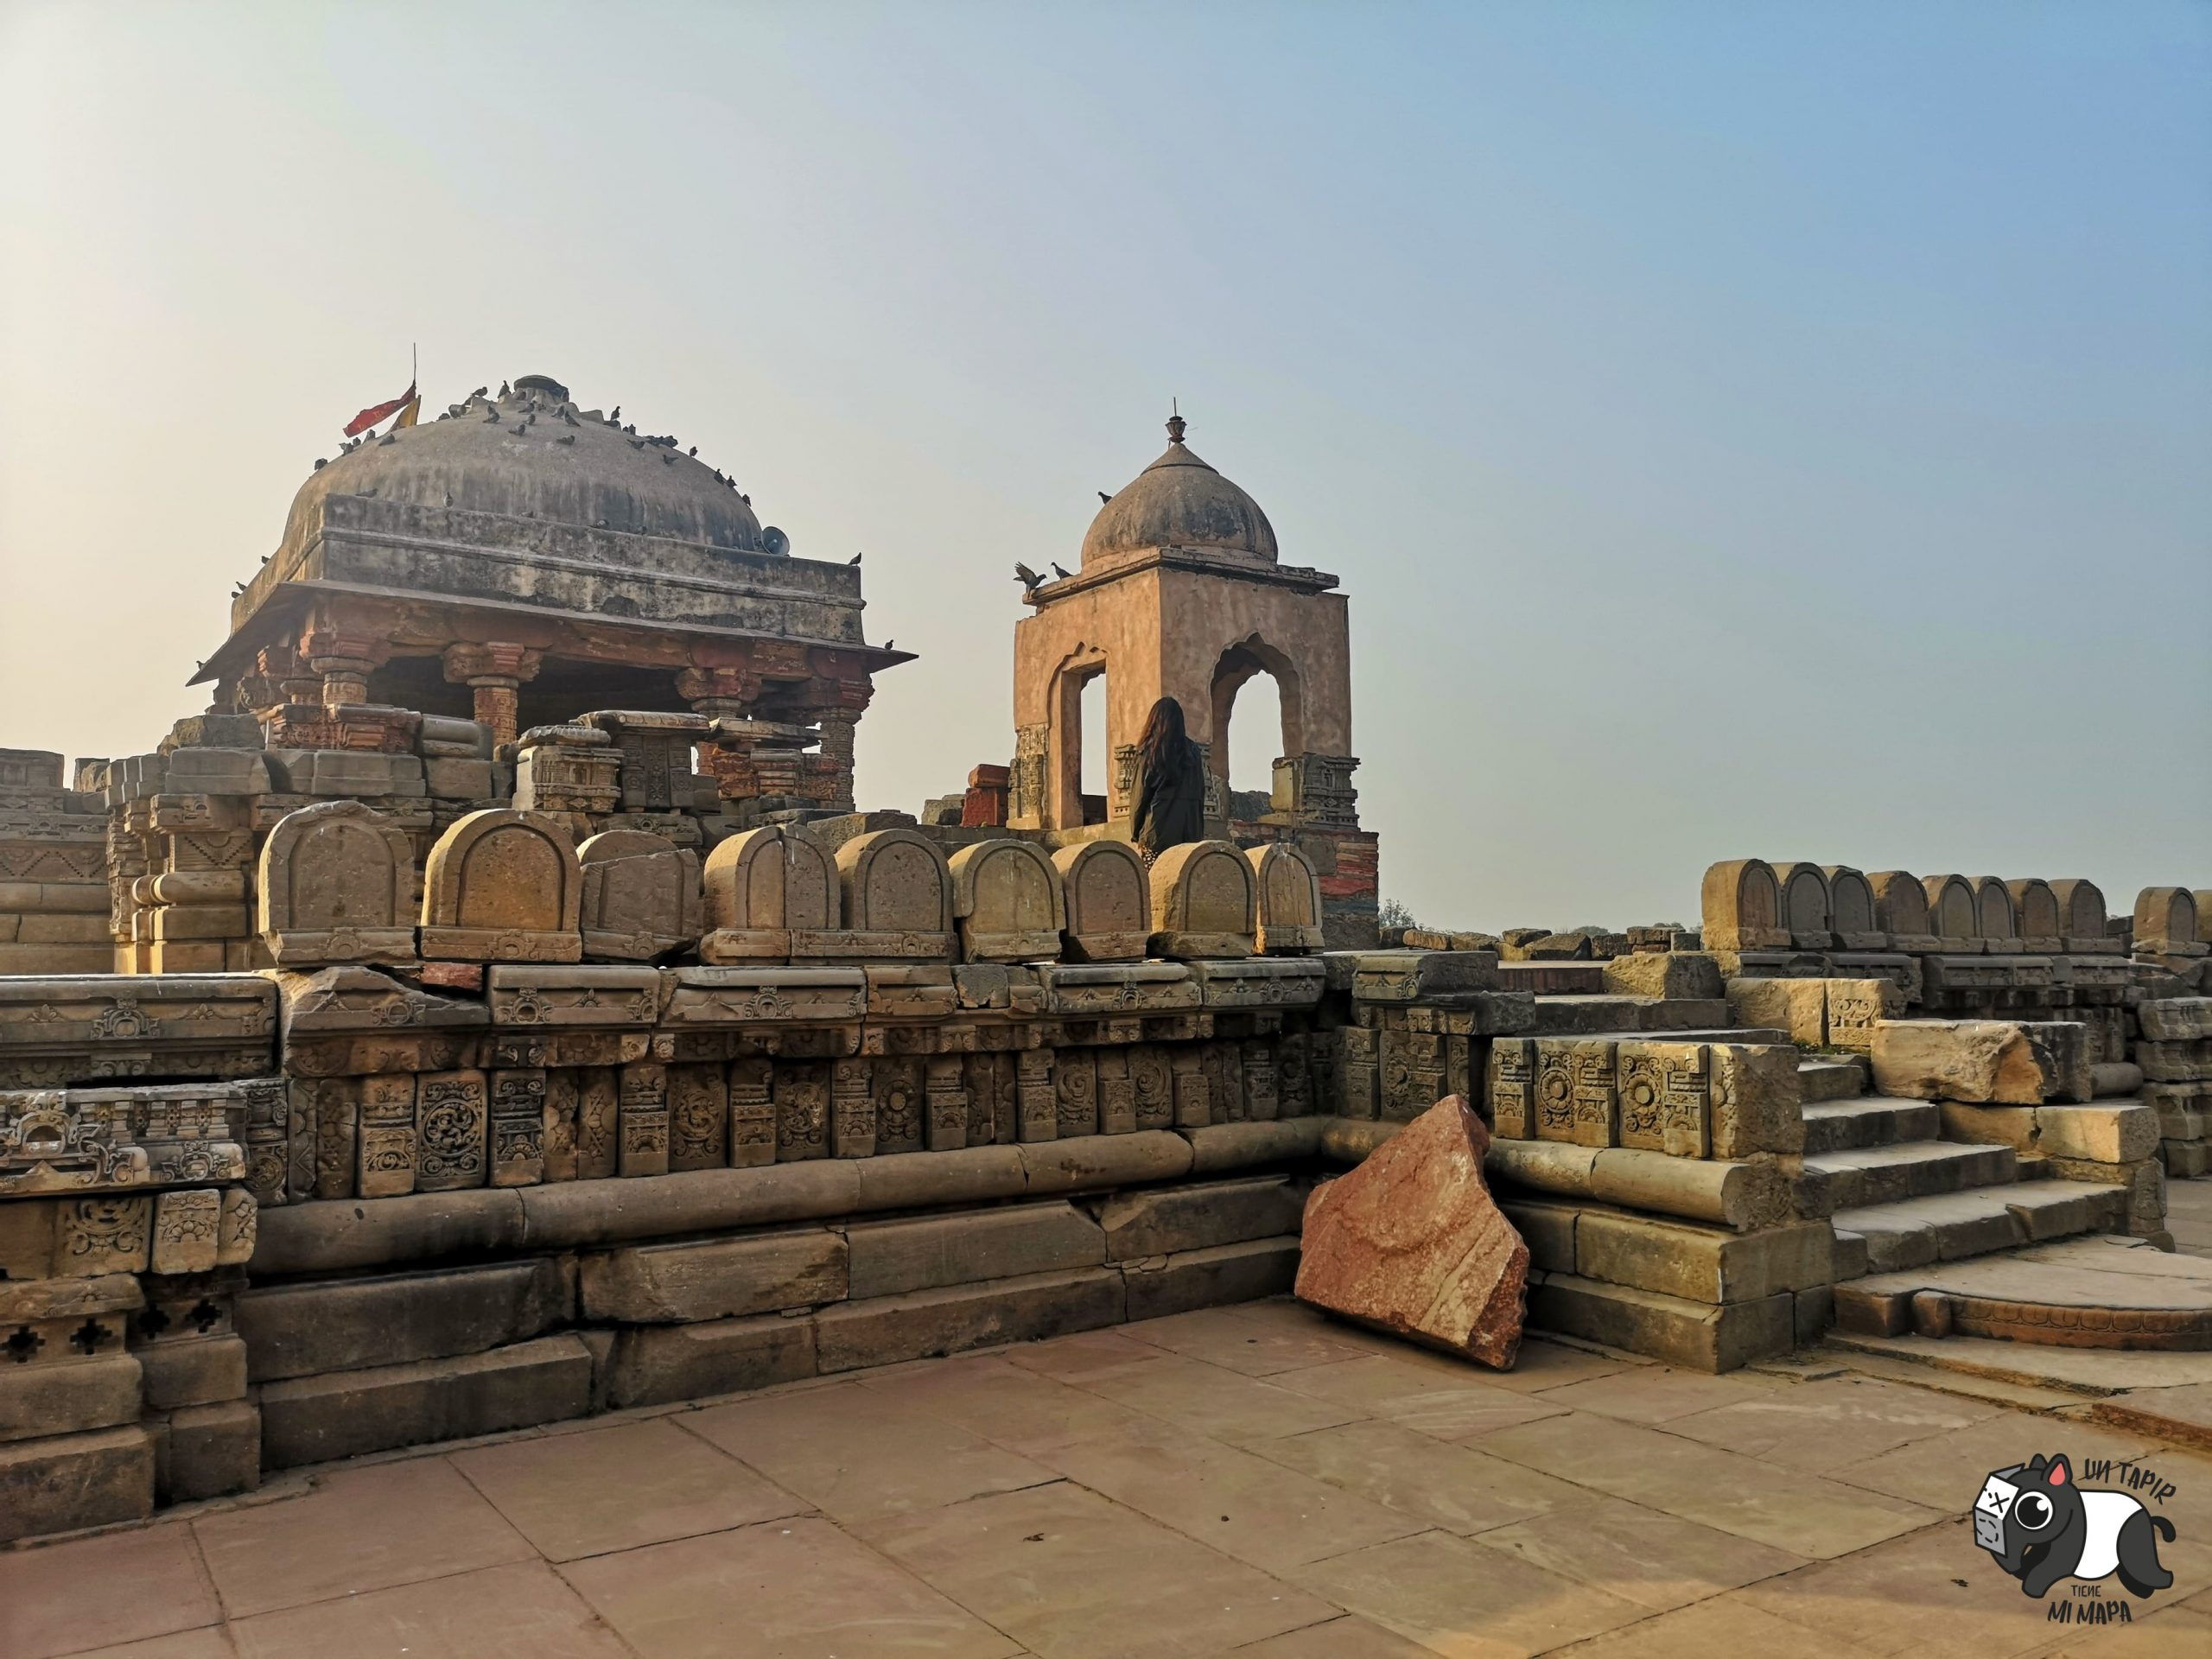 Harshat Mata Temple. Pequeño templo de piedra con grabados.